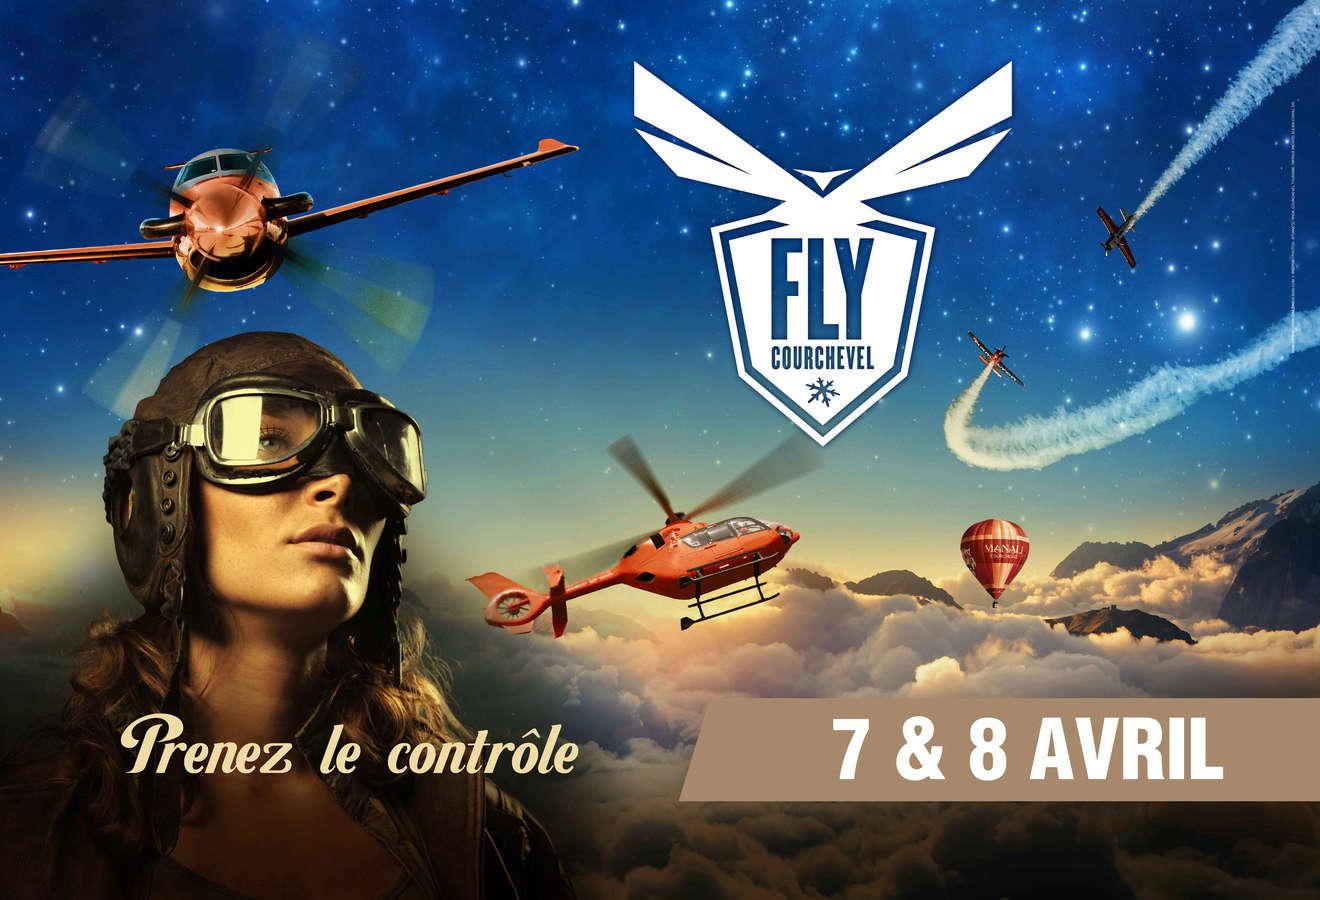 Fly Courchevel 2018 , exposition d'hélicoptères et d'avions , show de voltige aérienne 2018 , baptêmes de l'air Courchevel